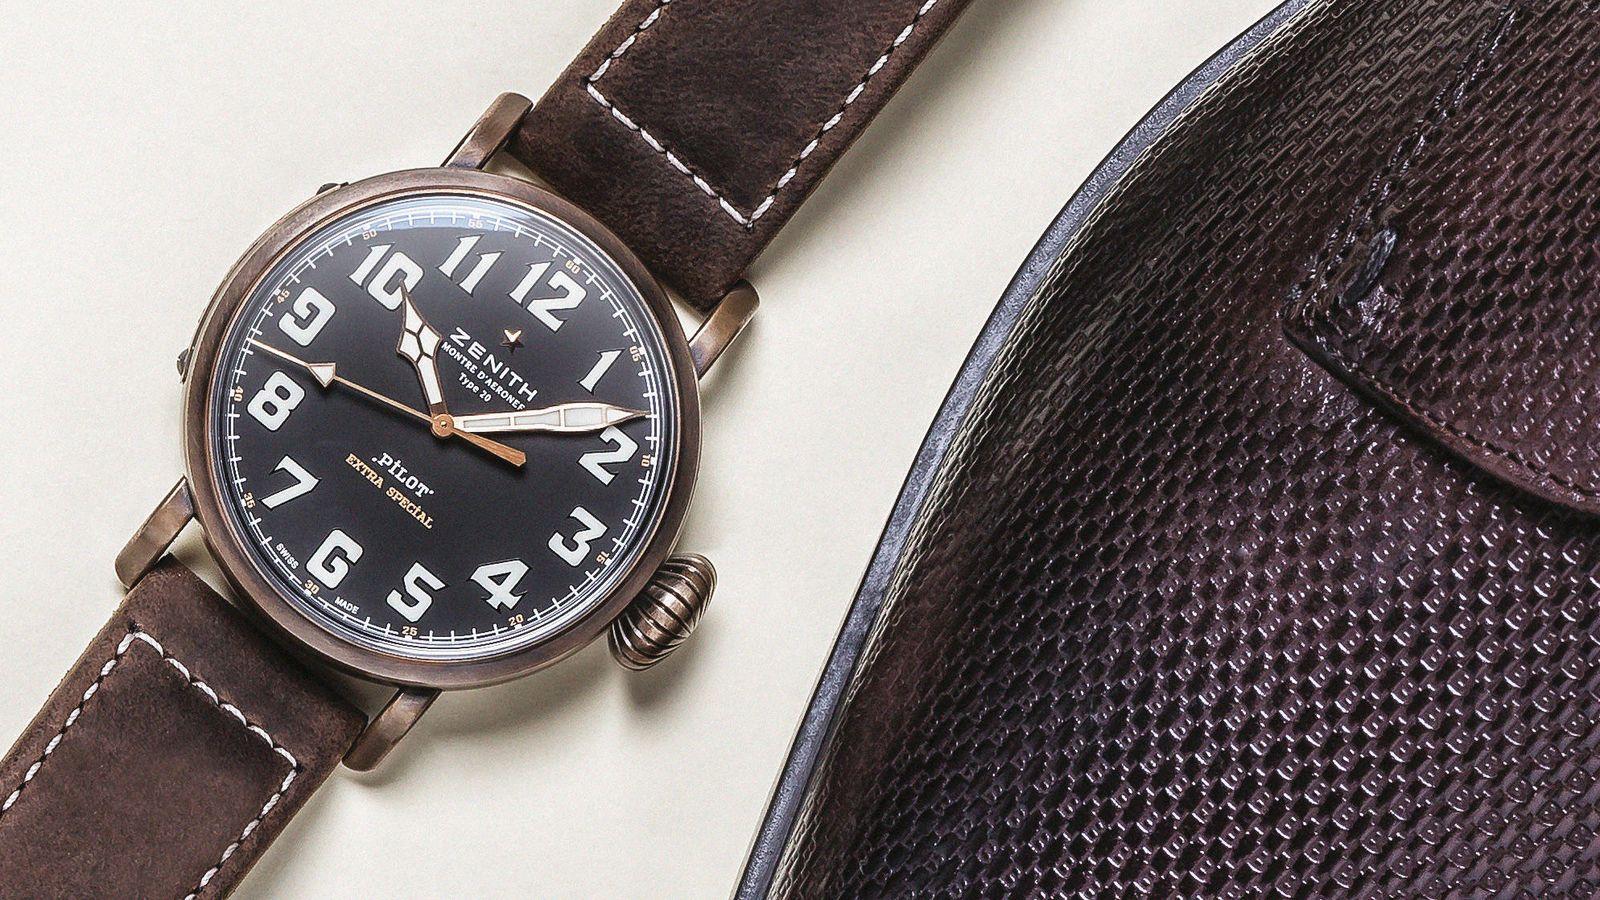 13889aa5330c Moda hombre  Zapatos y relojes. ¿Cómo debe combinarlos un auténtico  Gentleman